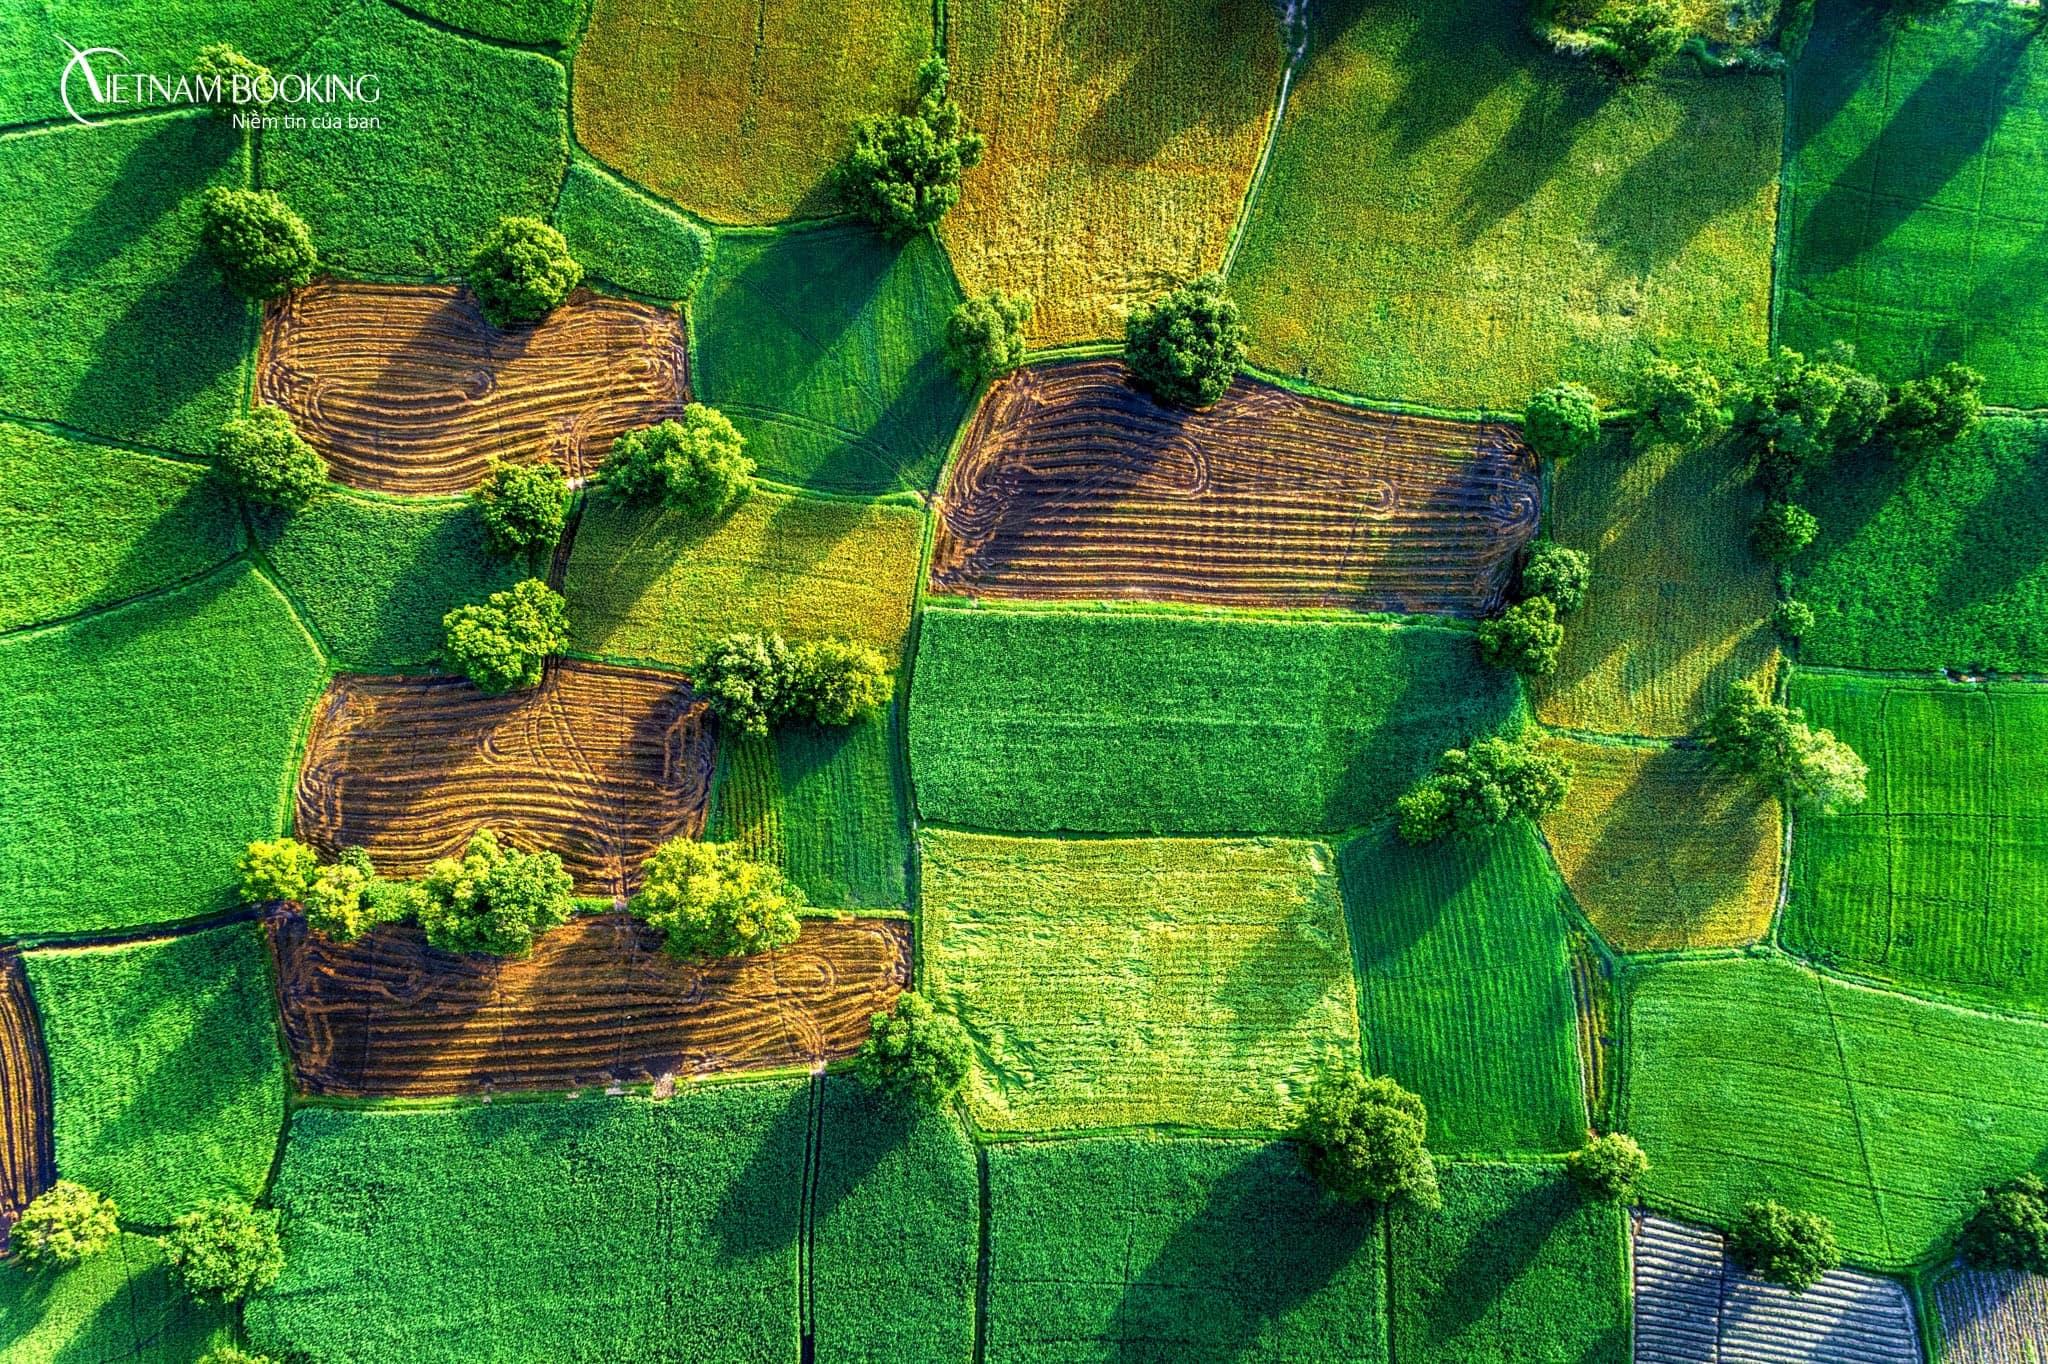 Nằm thiếp nơi những cánh đồng xanh, có đàn cò trắng và giấc mơ trưa yên bình. Ảnh: ST